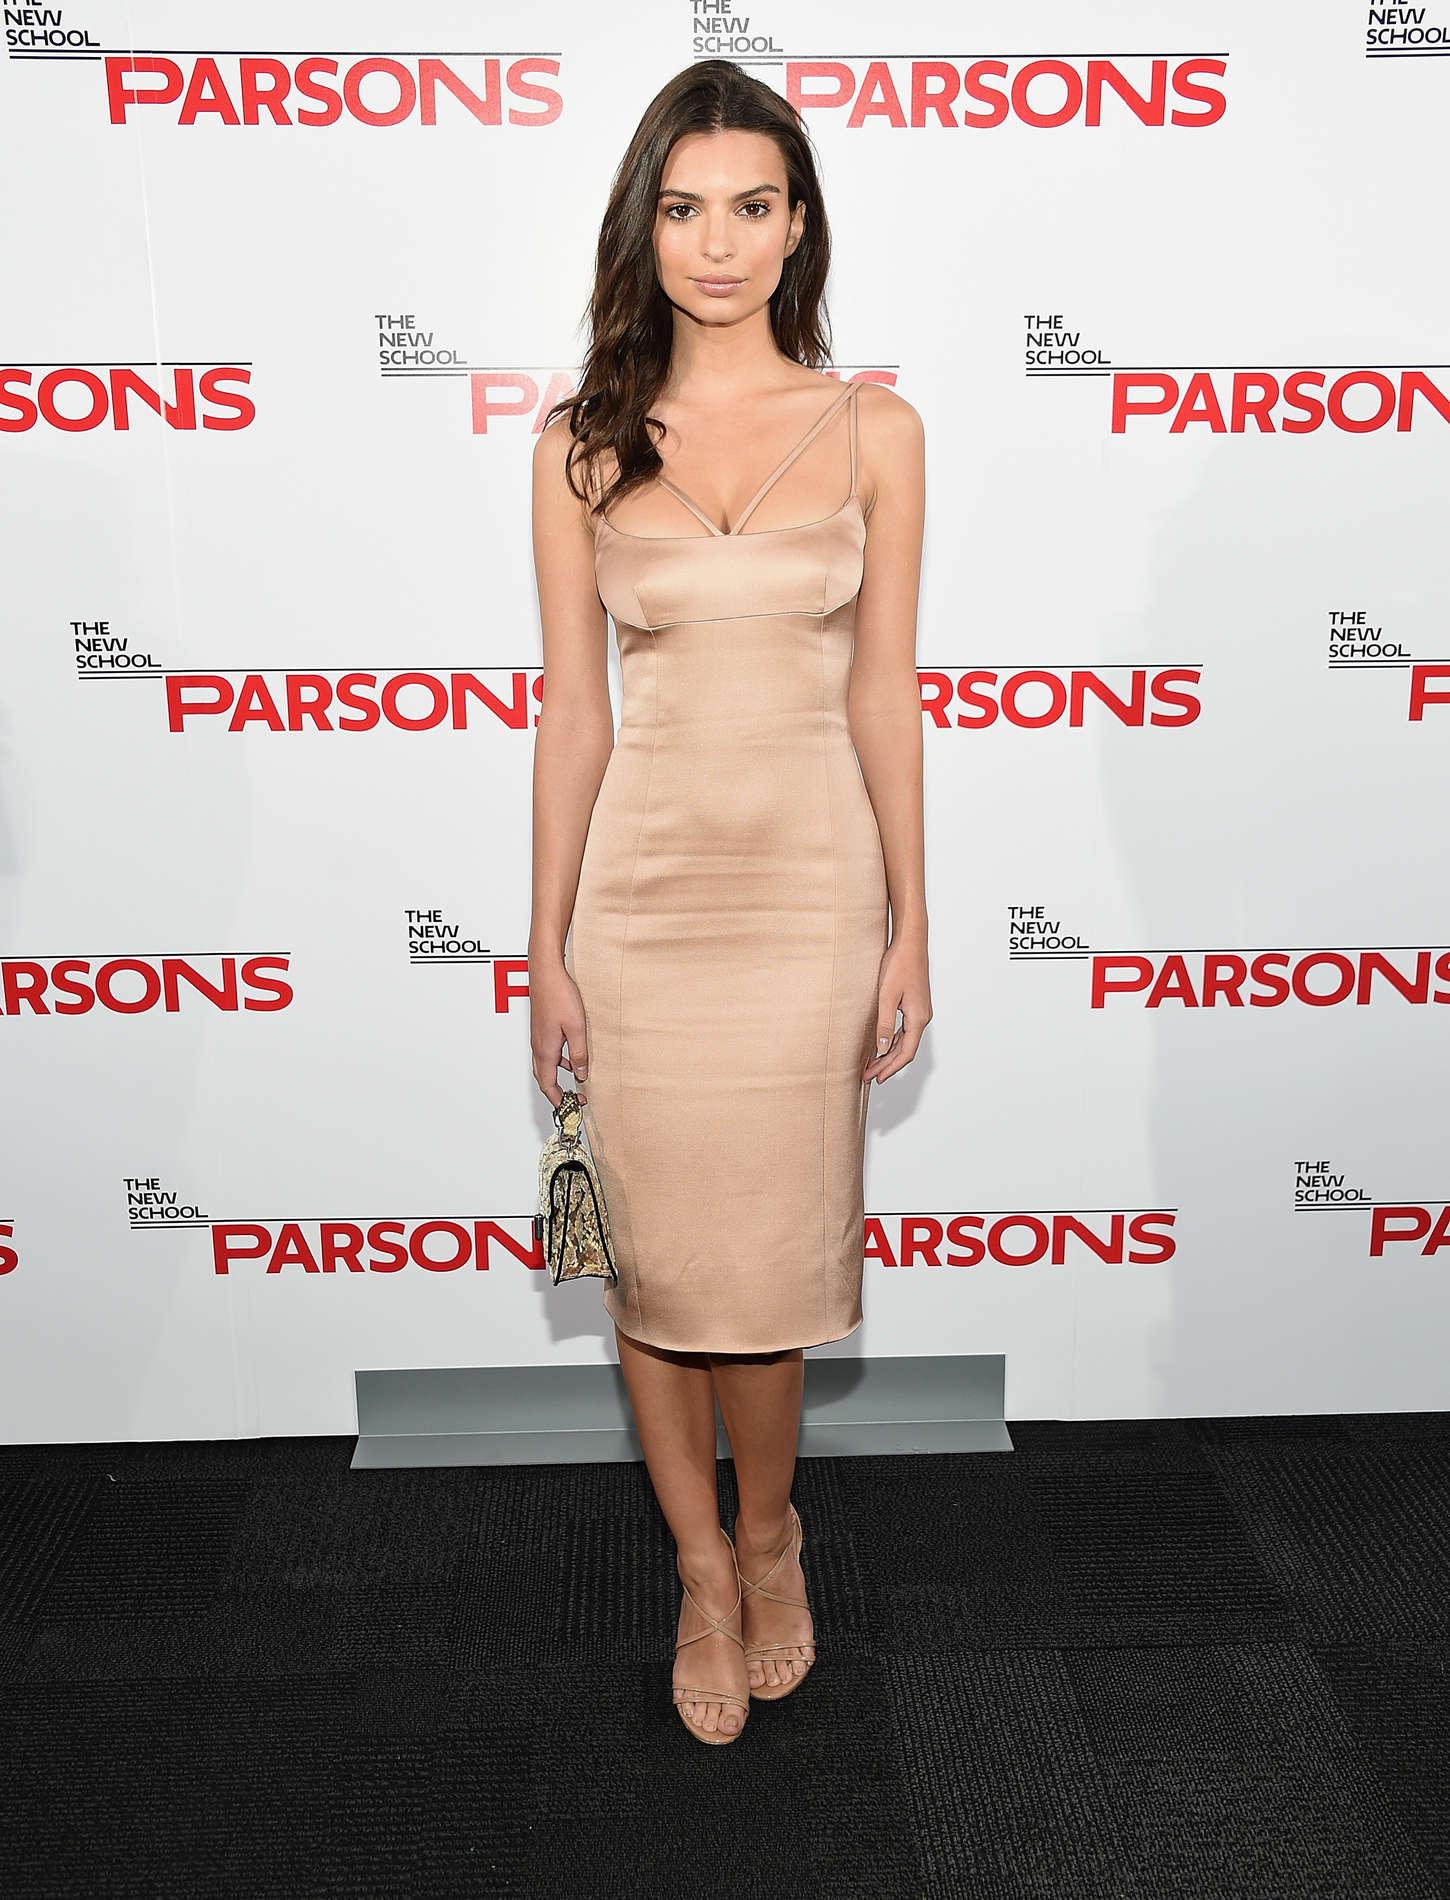 Emily Ratajkowski 2015 : Emily Ratajkowski: 2015 Parsons Fashion Benefit -02